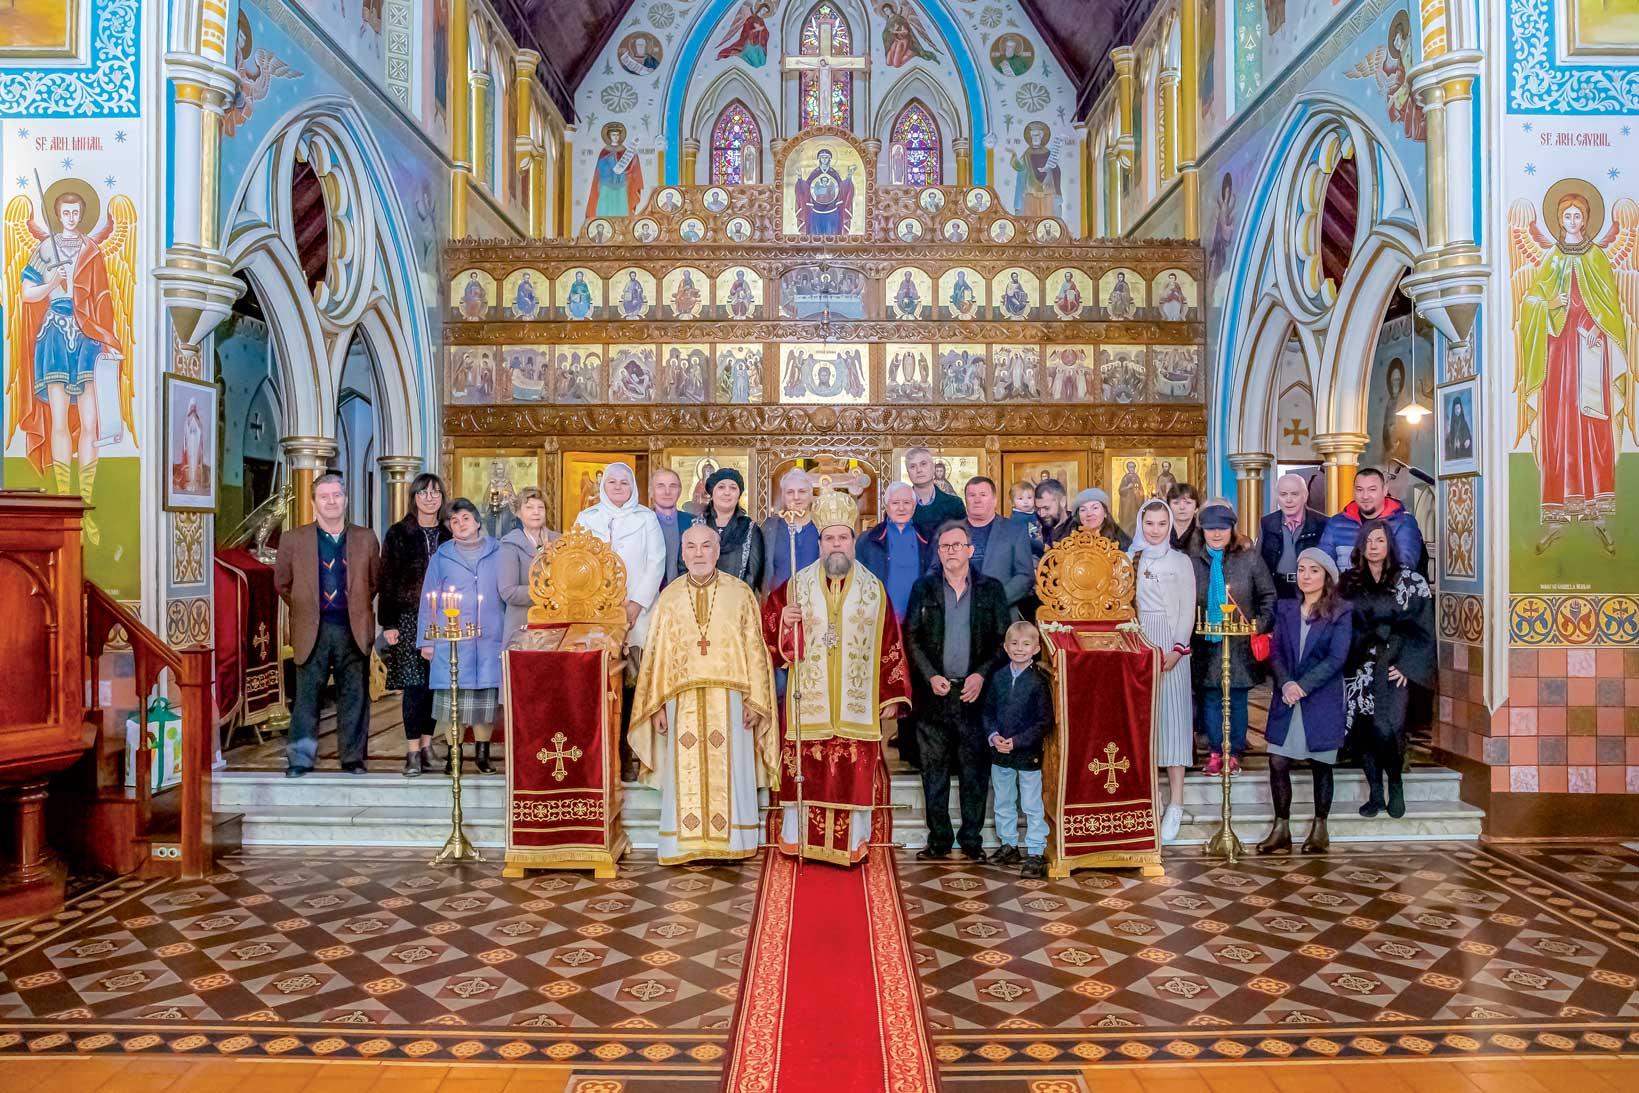 Hramul catedralei româneşti din Melbourne, Australia